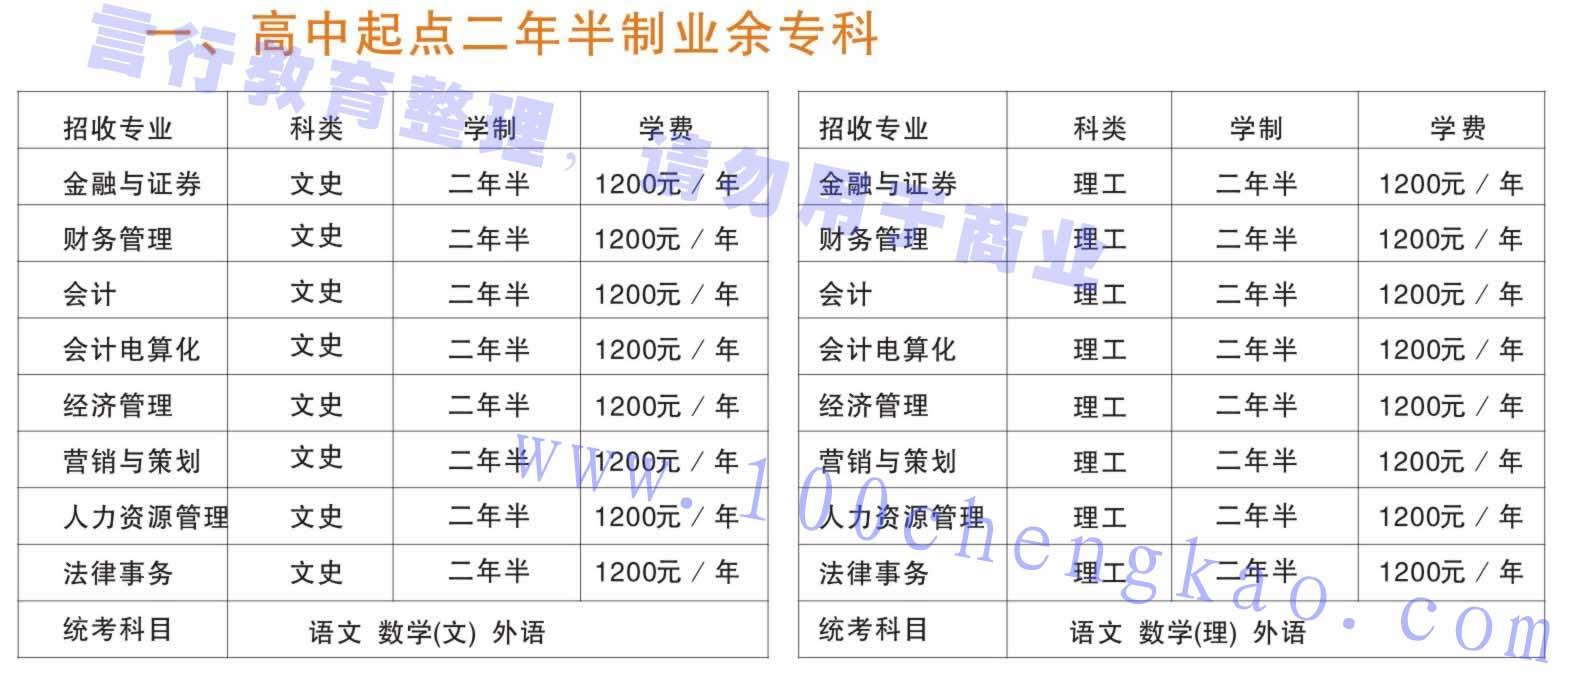 河南财经政法大学成人高考业余大专招生专业汇总.jpg